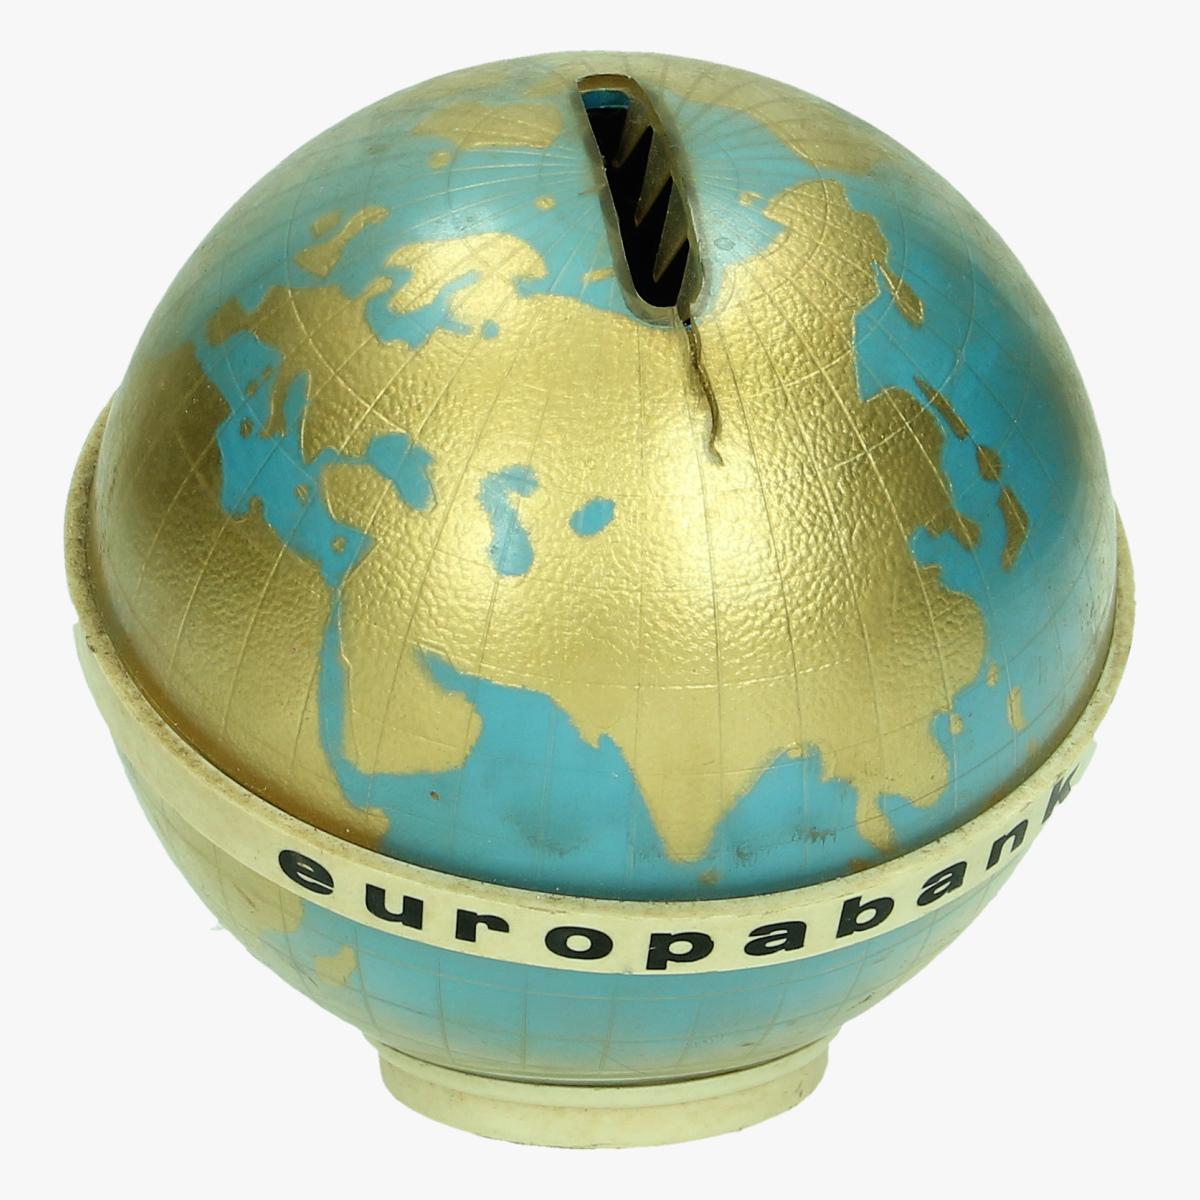 Afbeeldingen van spaarpot wereldbolletje europabank